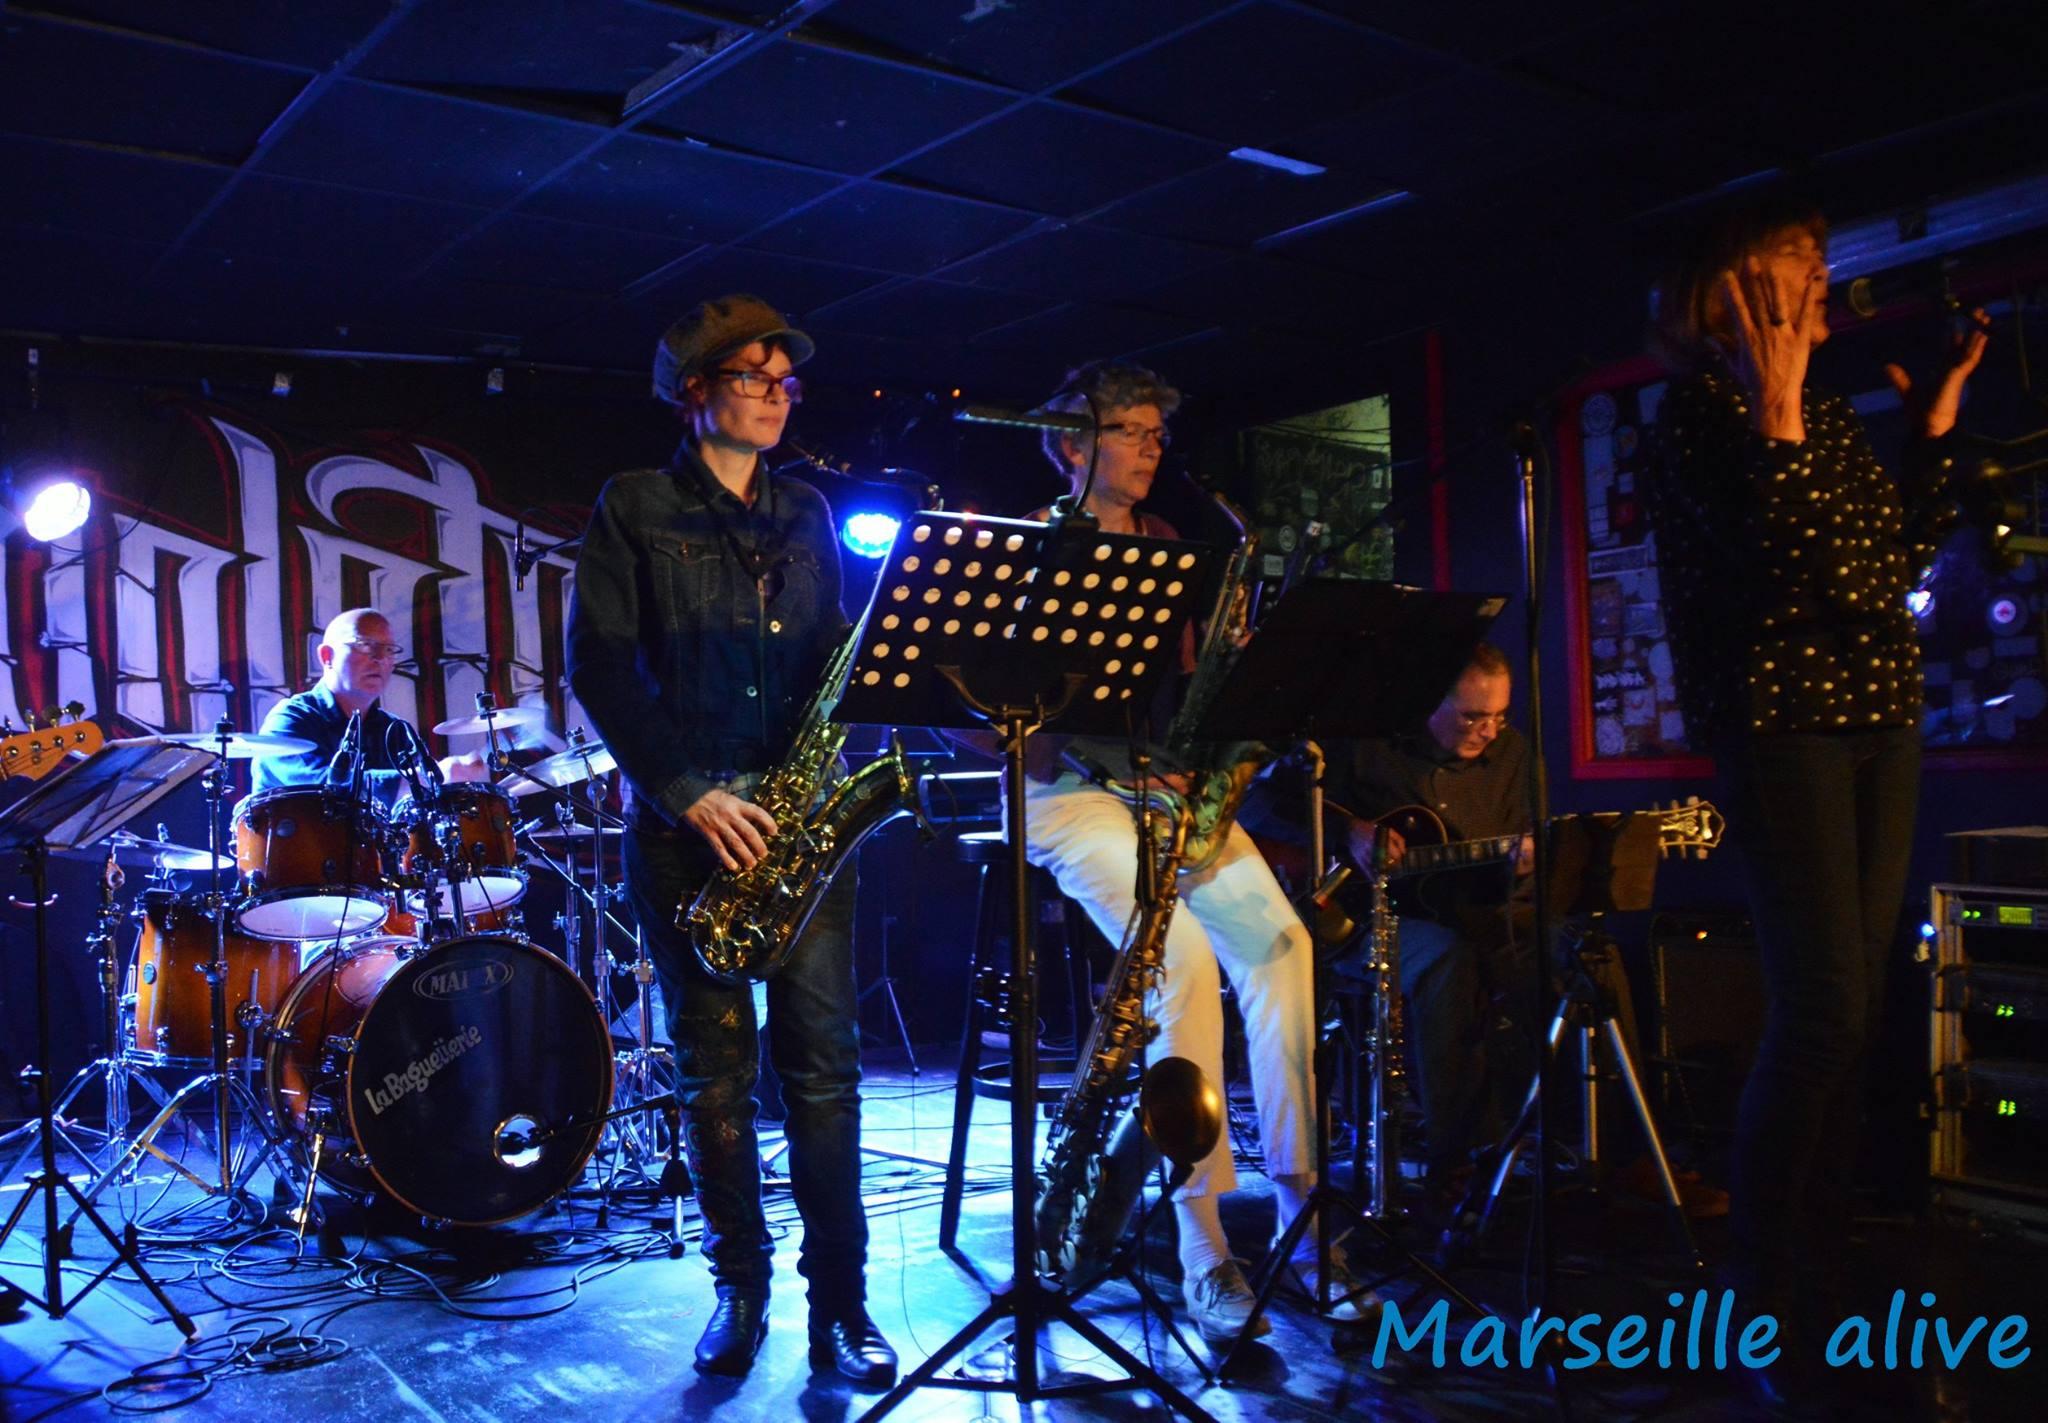 Le risin sun jazz est un groupe fond en 2009 par des anciens l ves de la classe de jazz de g rard sumian de la plaine cours julien marseille qui a